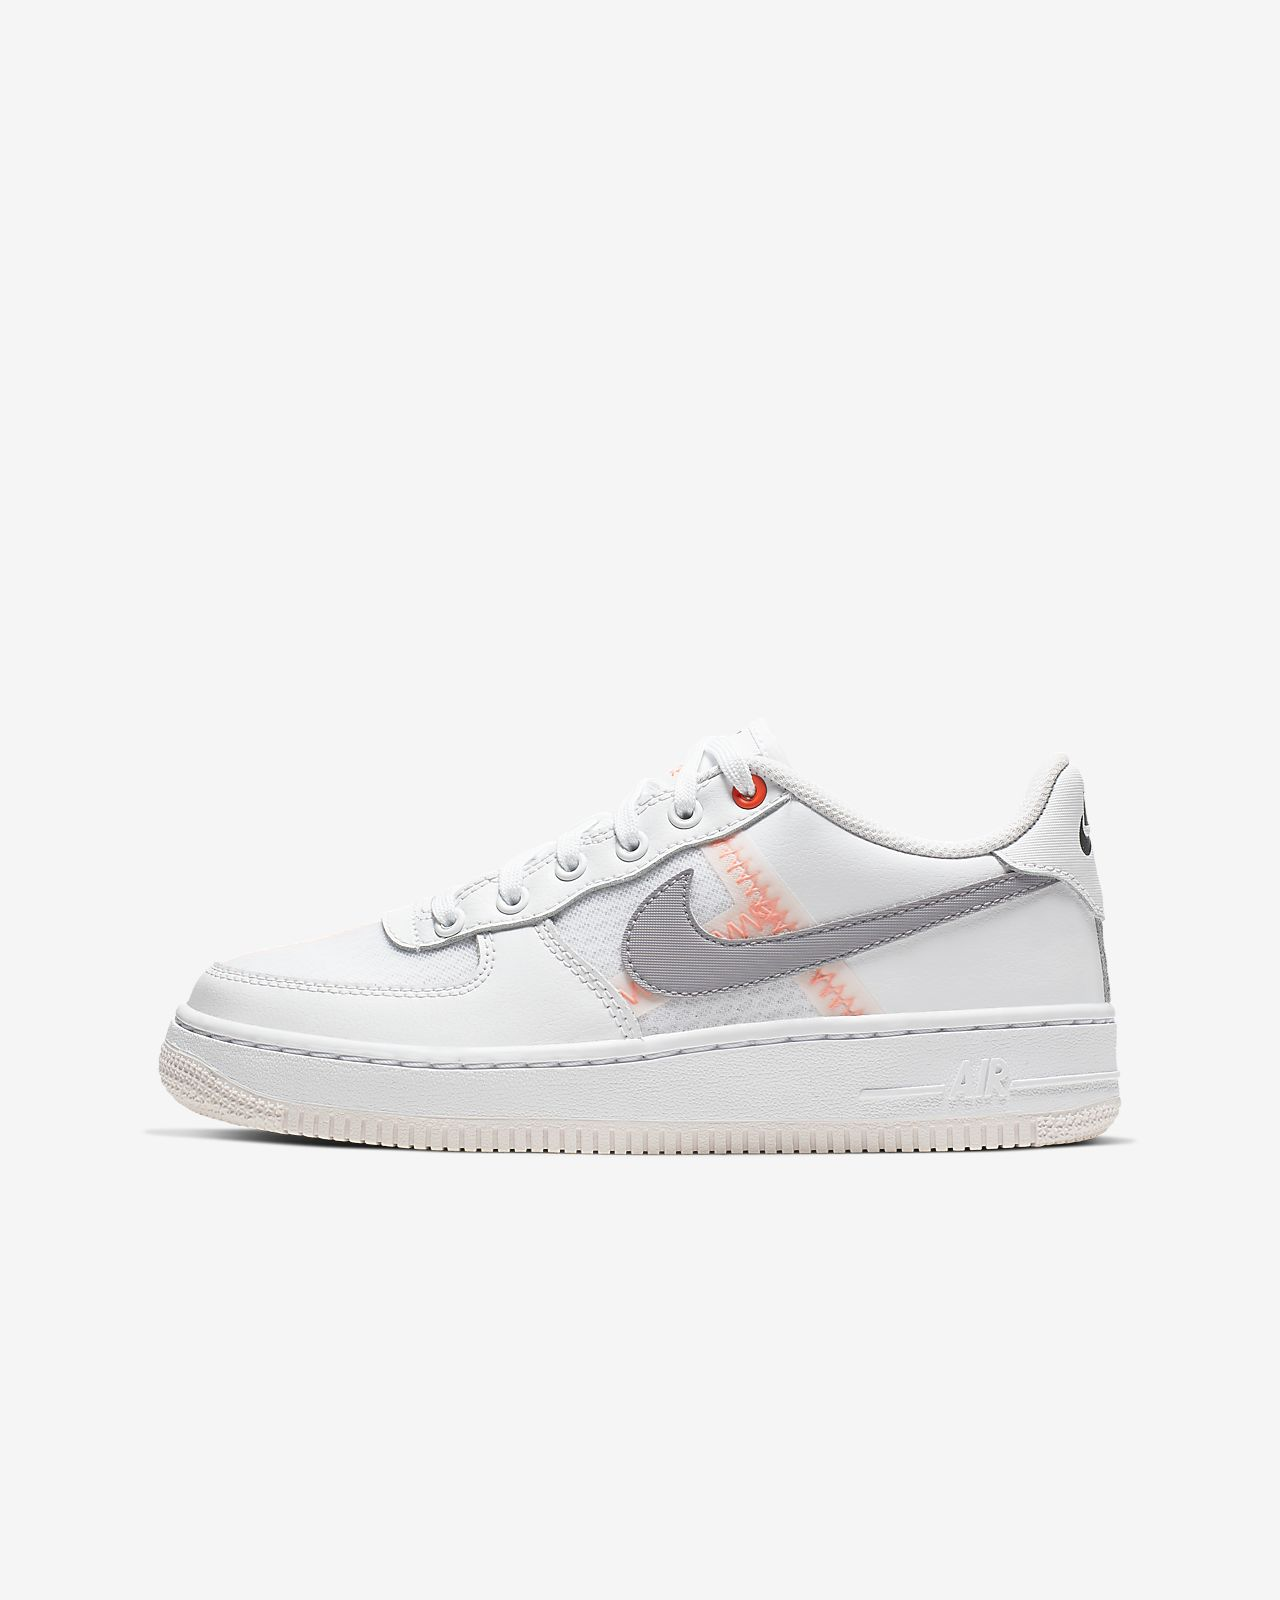 Chaussure Nike Air Force 1 LV8 1 pour Enfant plus âgé